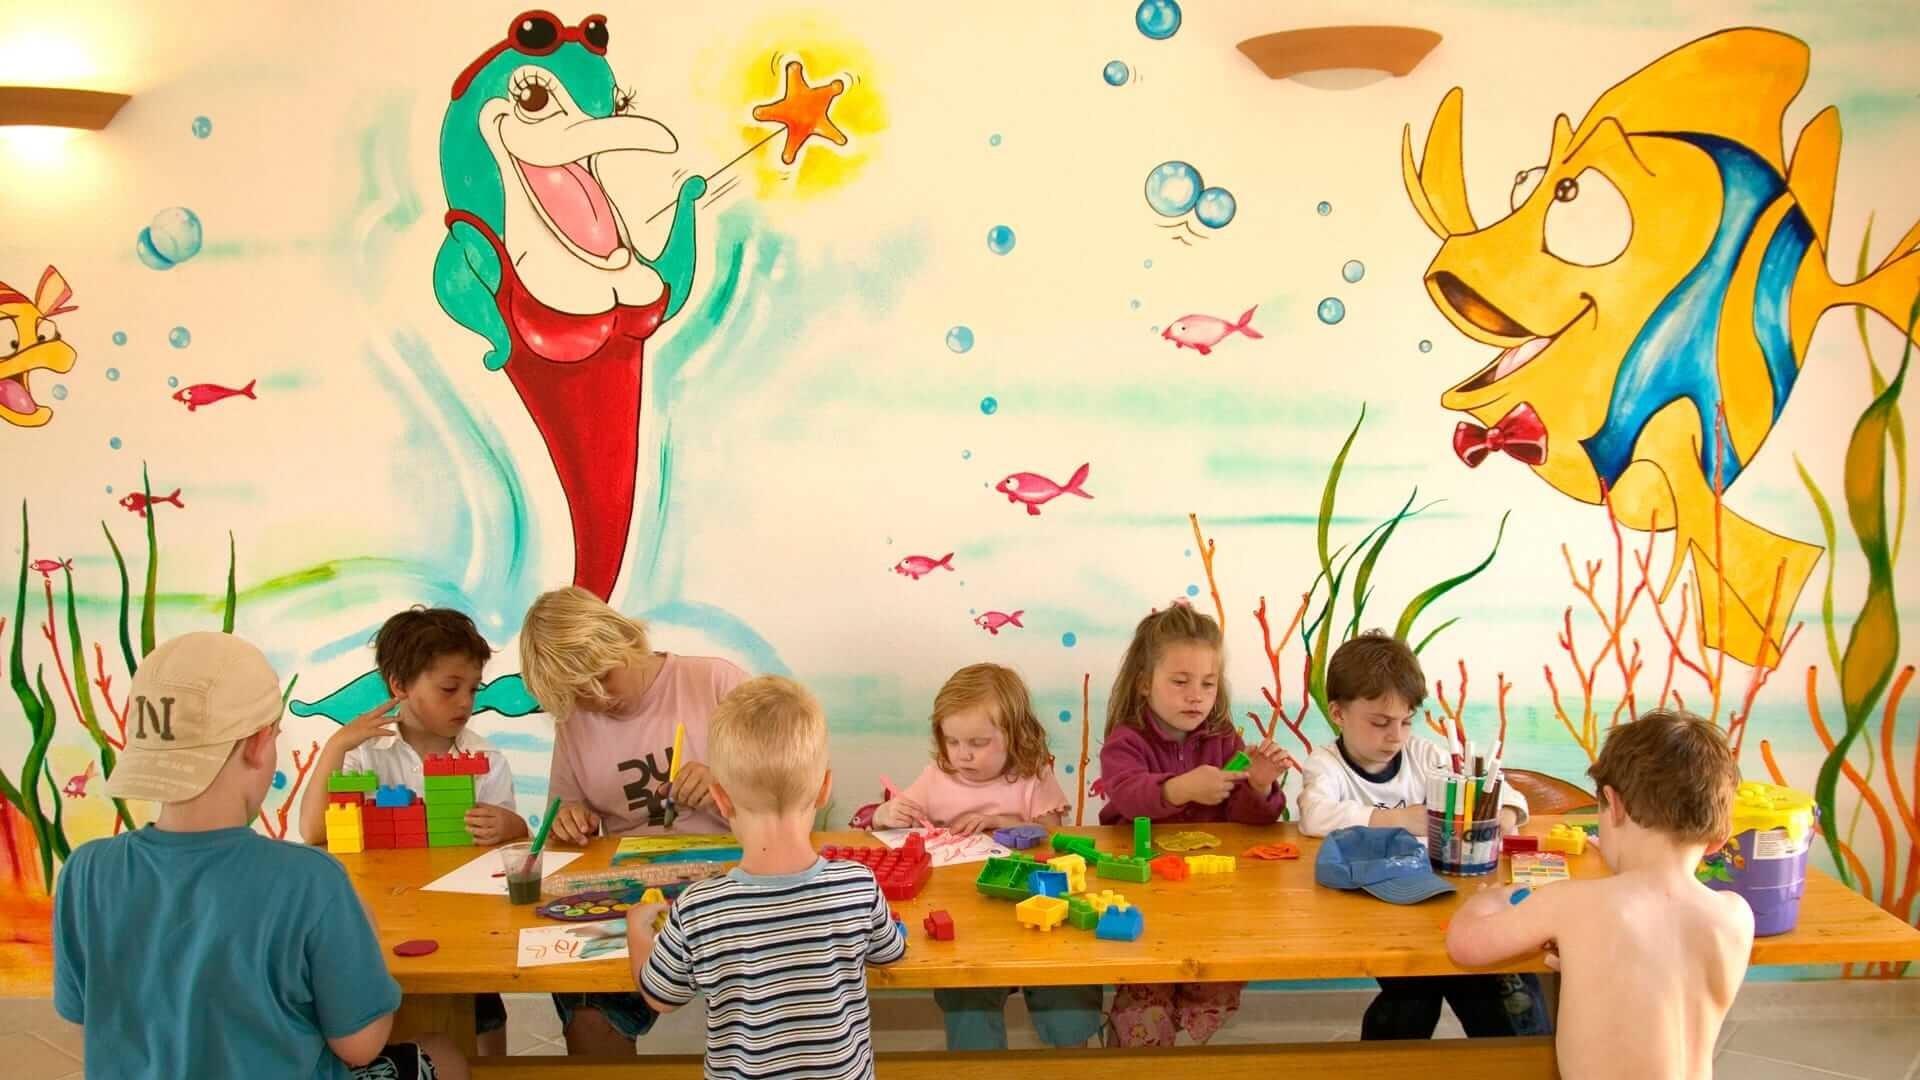 School Kids Wallpapers - Wallpaper Cave